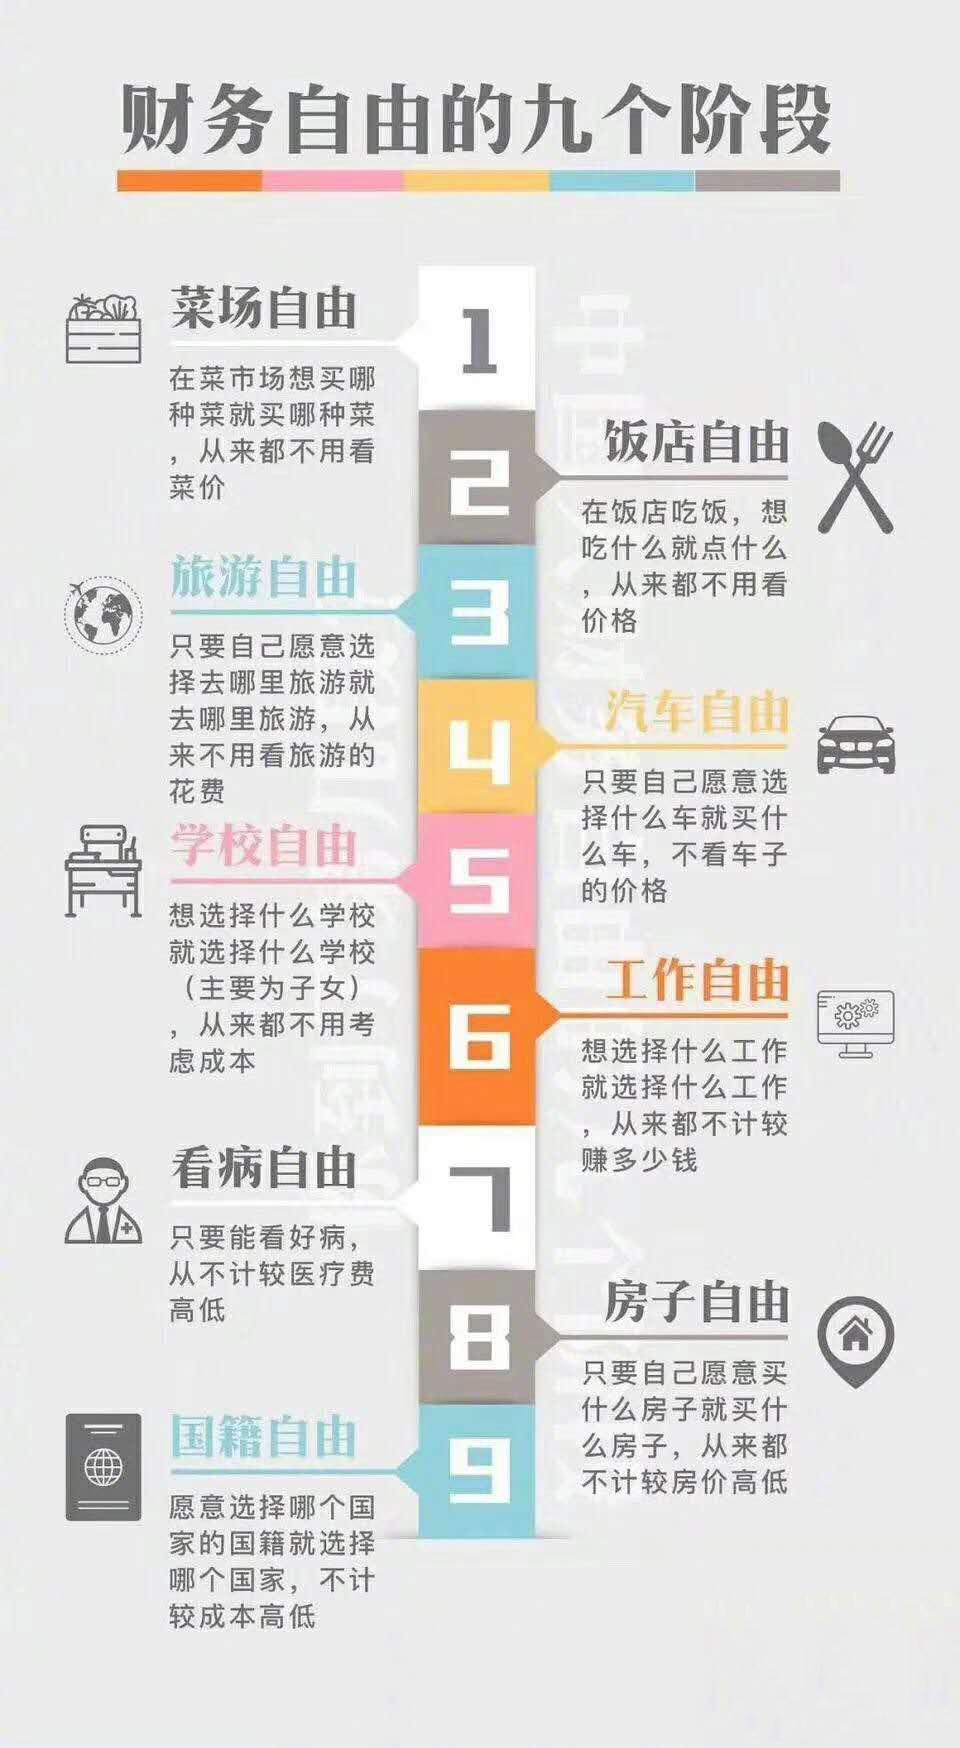 20190201-中国人财务自由的九个阶段.JPEG